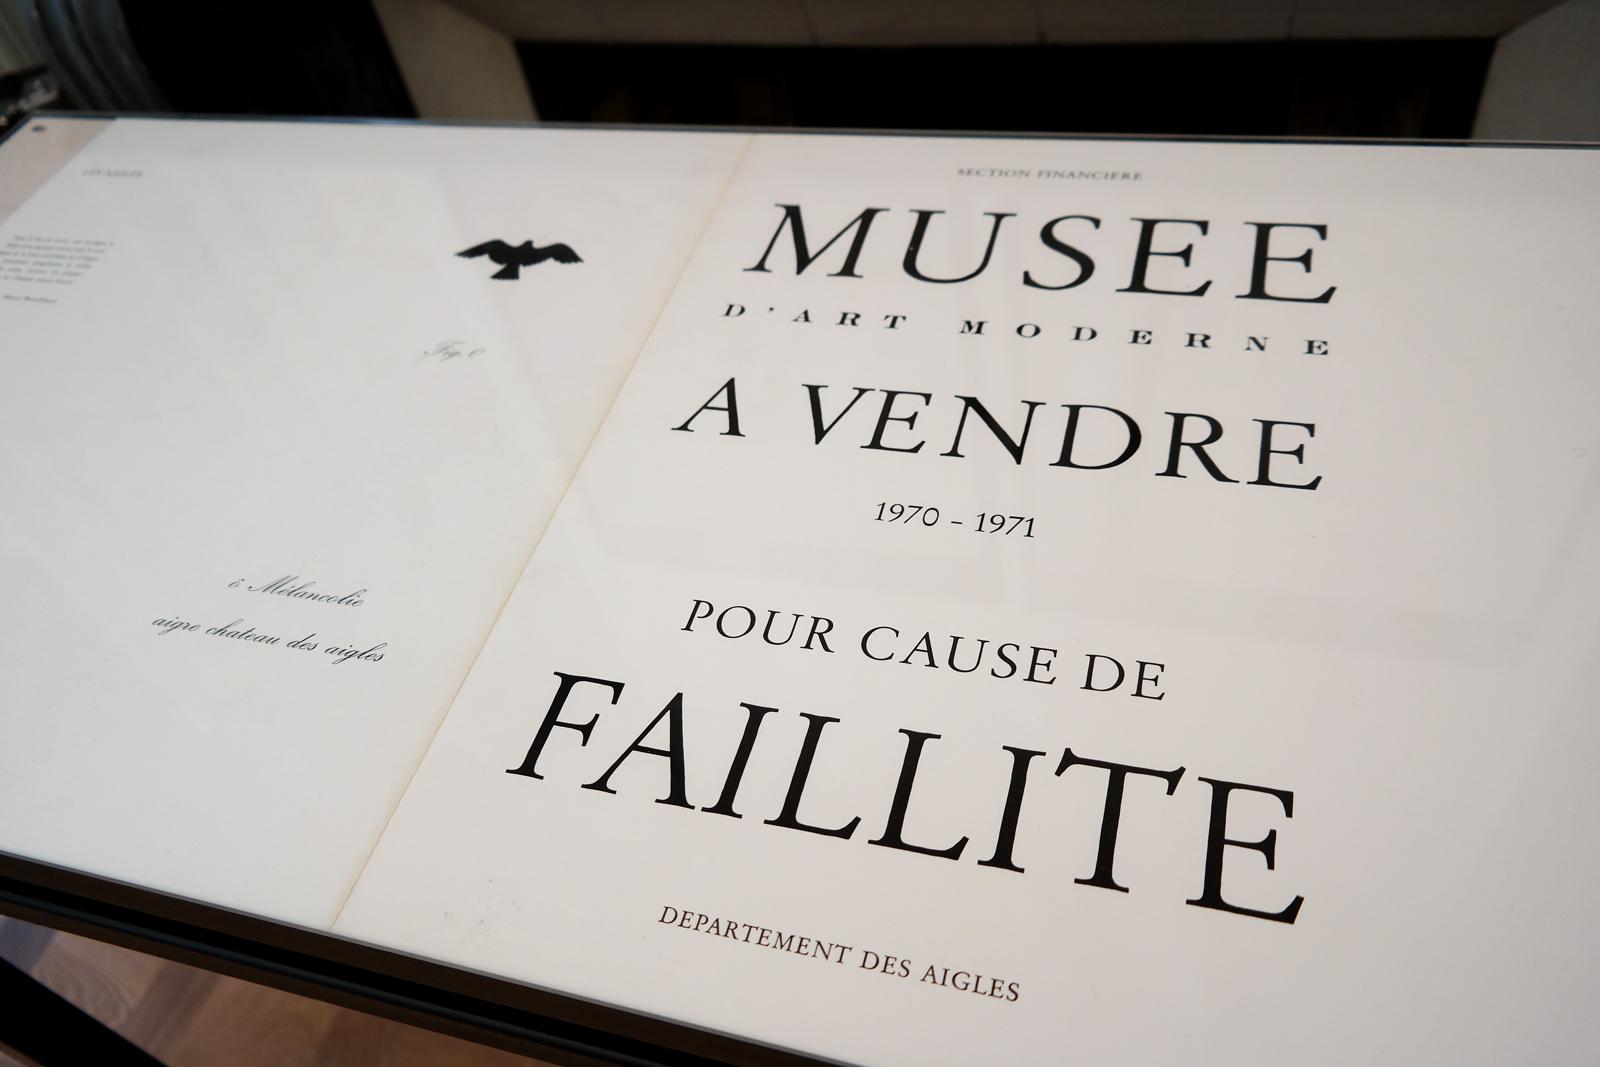 Musee-d-art-moderne-1971-1970-pour-cause-de-faillite-départements-des-aigles-Estate-Marcel-Broodthaers-exposition-Monnaie-de-Paris-MACBA-collection